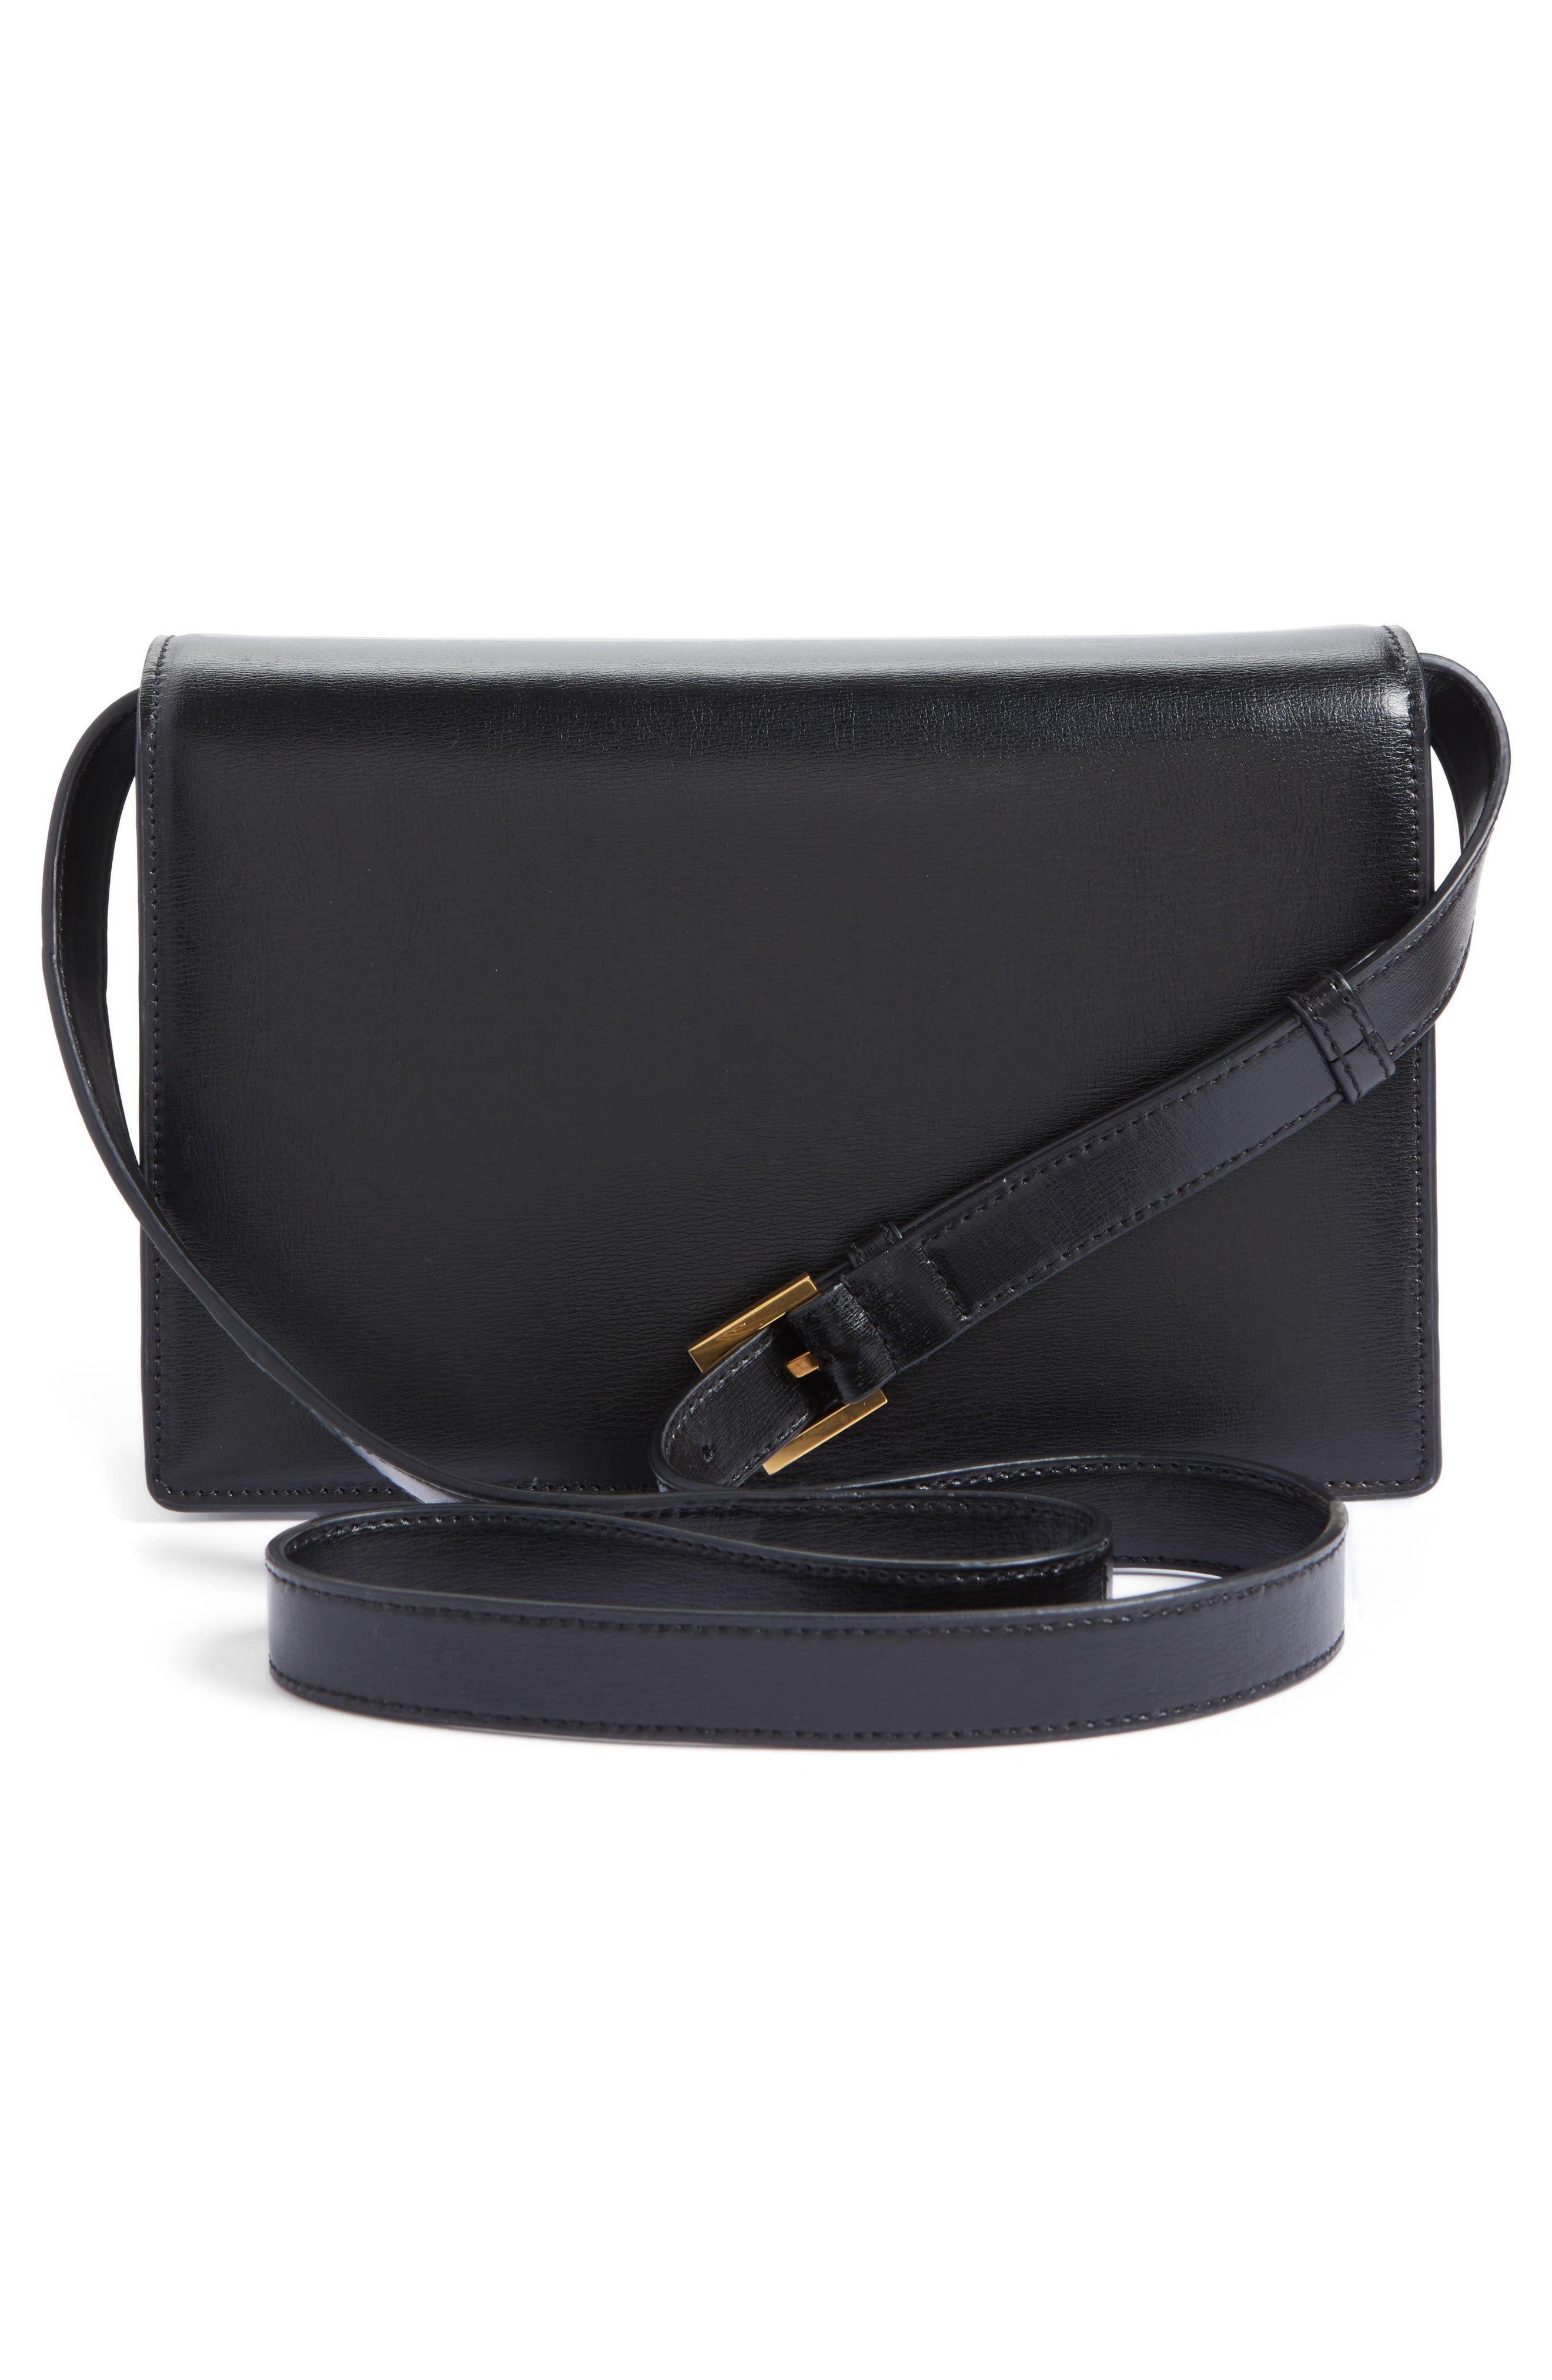 Alternate Image 3  - Saint Laurent Medium Bellechasse Suede & Leather Shoulder Bag